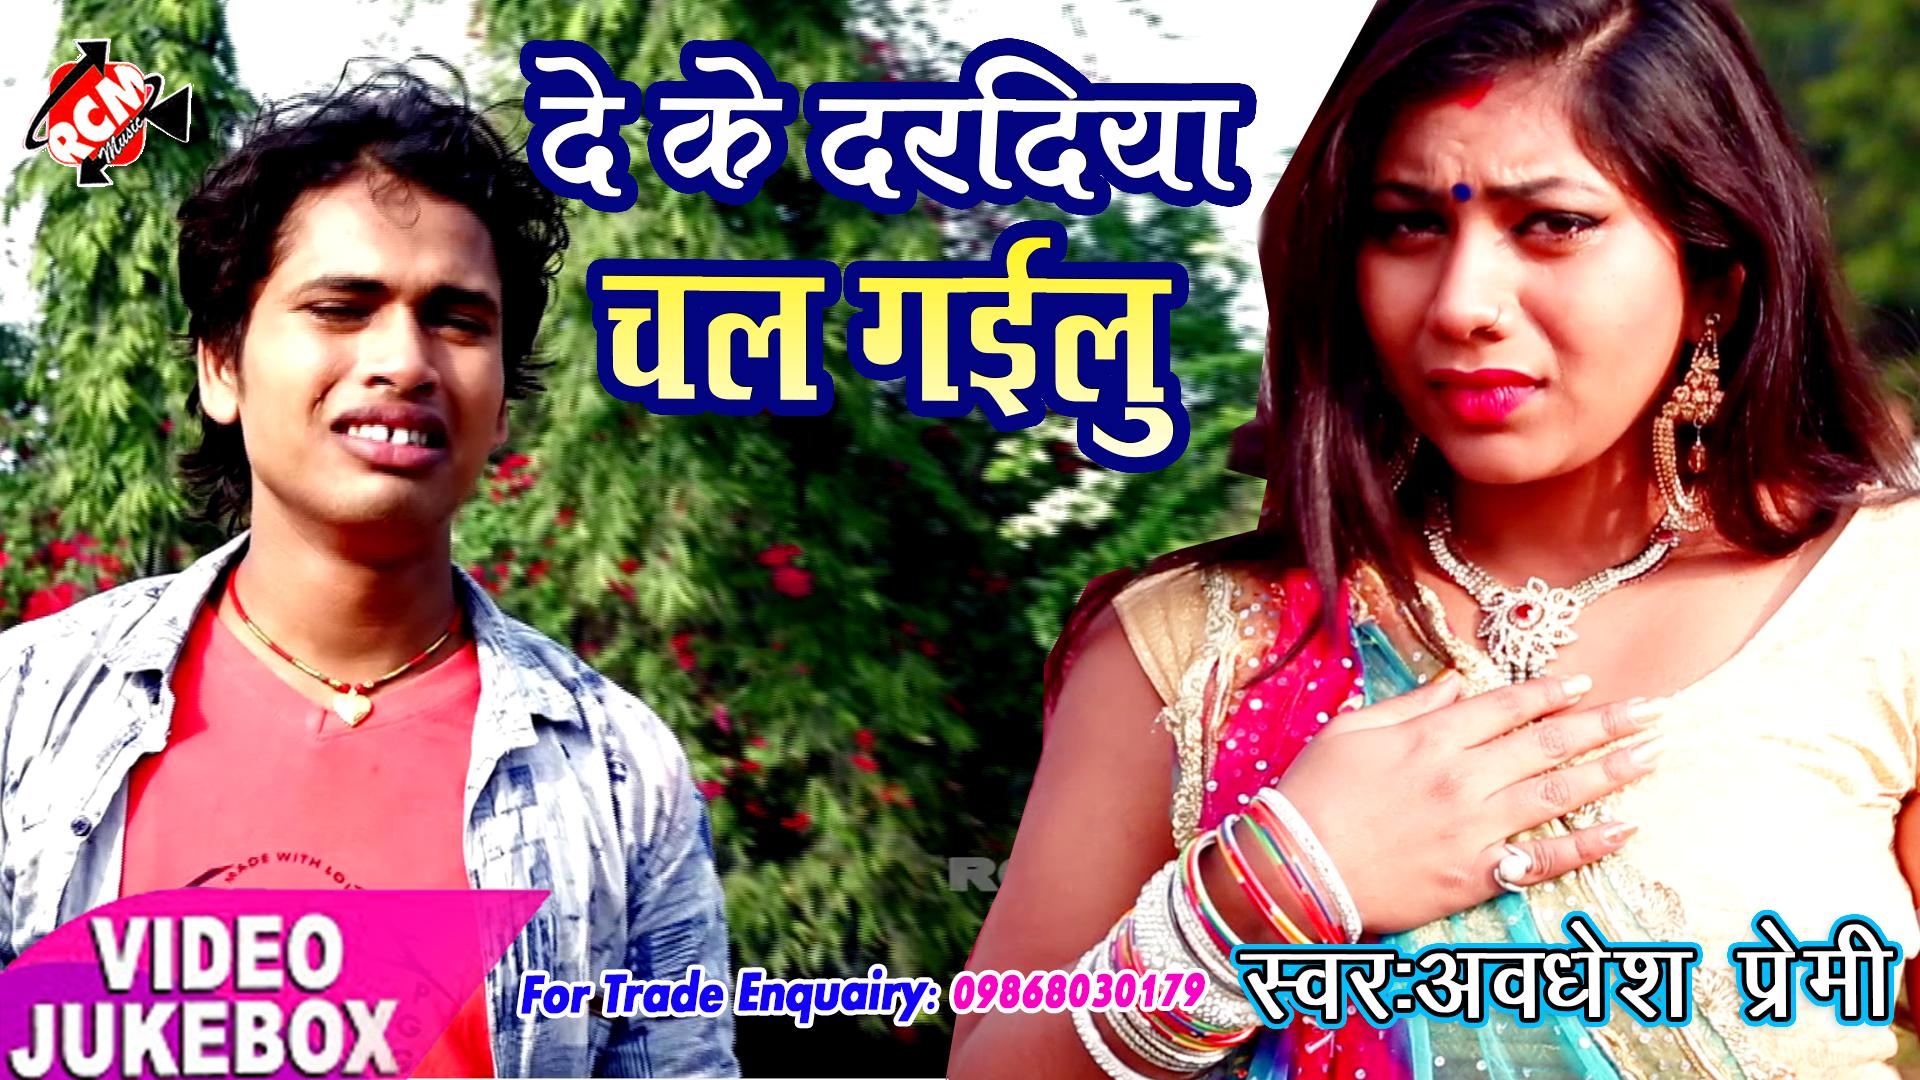 2018 का सबसे बड़ा बेबफाई वीडियो अवधेश प्रेमी #दे के दरदिया चल गइलू   De ke Dardiya Chal Gailu  